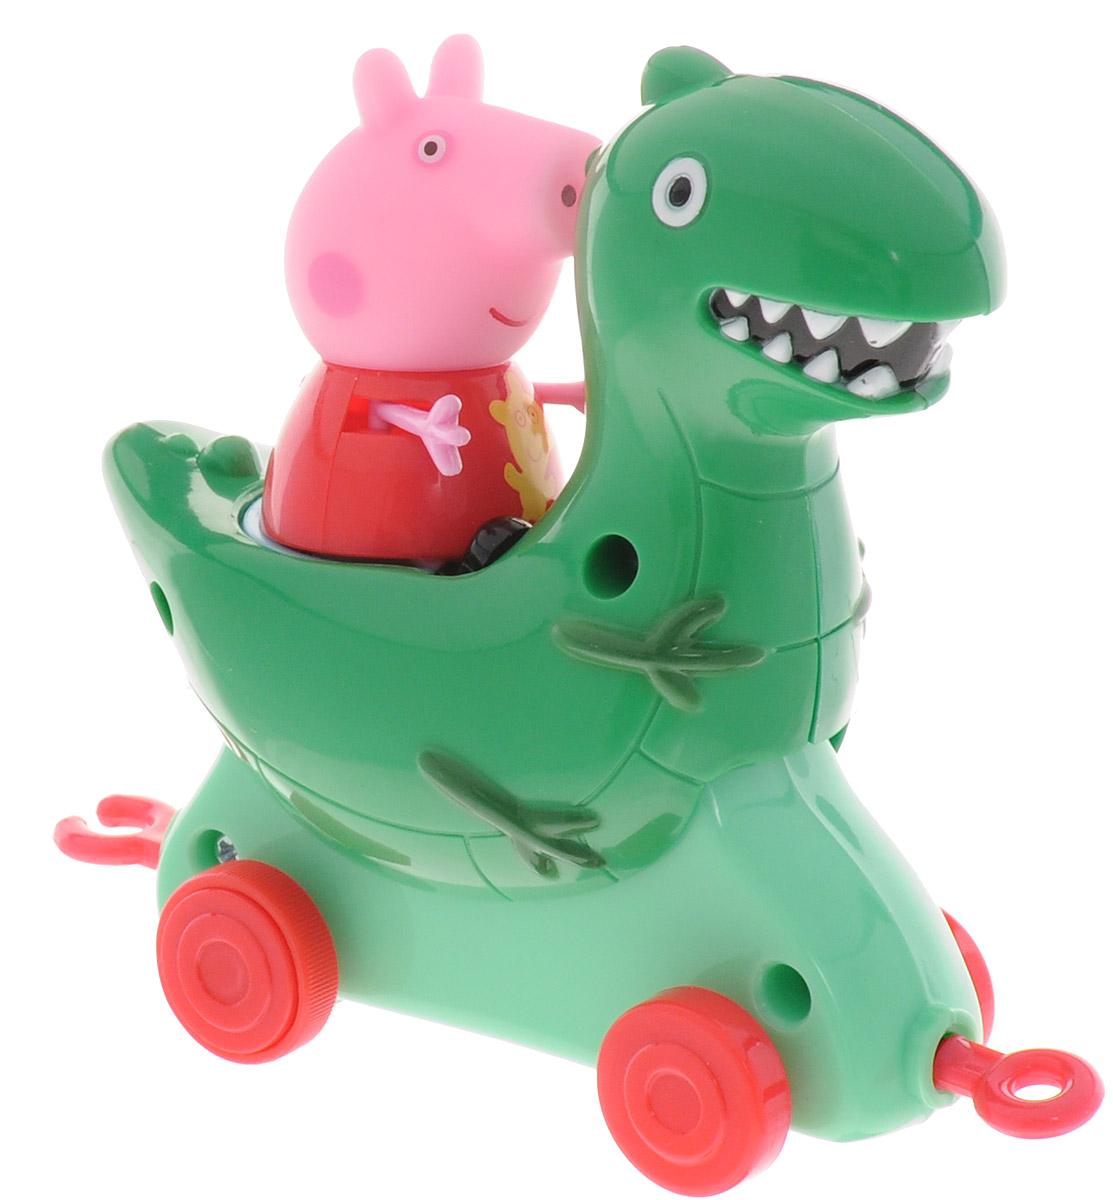 Peppa Pig Игровой набор Пеппа и Каталка Динозавр31012Игровой набор Peppa Pig Пеппа и Каталка Динозавр станет замечательным подарком для каждого поклонника мультфильма Свинка Пеппа. В наборе фигурка Пеппы и каталка-динозаврик. Привяжите веревочку к специальному держателю и посадите фигурку Пеппы на сидение, чтобы ваш малыш мог возить каталку за собой. Динозавр оборудован колесиками и покачивается во время движения. Ручки и ножки фигурки двигаются. Игрушки выполнены из высококачественного пластика. С такими фигурками малыш сможет увлеченно играть и дома, и на улице, и даже в ванне. Яркая окраска фигурок улучшает цветовое восприятие ребенка, а приятная на ощупь поверхность развивает тактильные ощущения. Порадуйте свое драгоценное чадо столь интересным и развлекательным подарком.